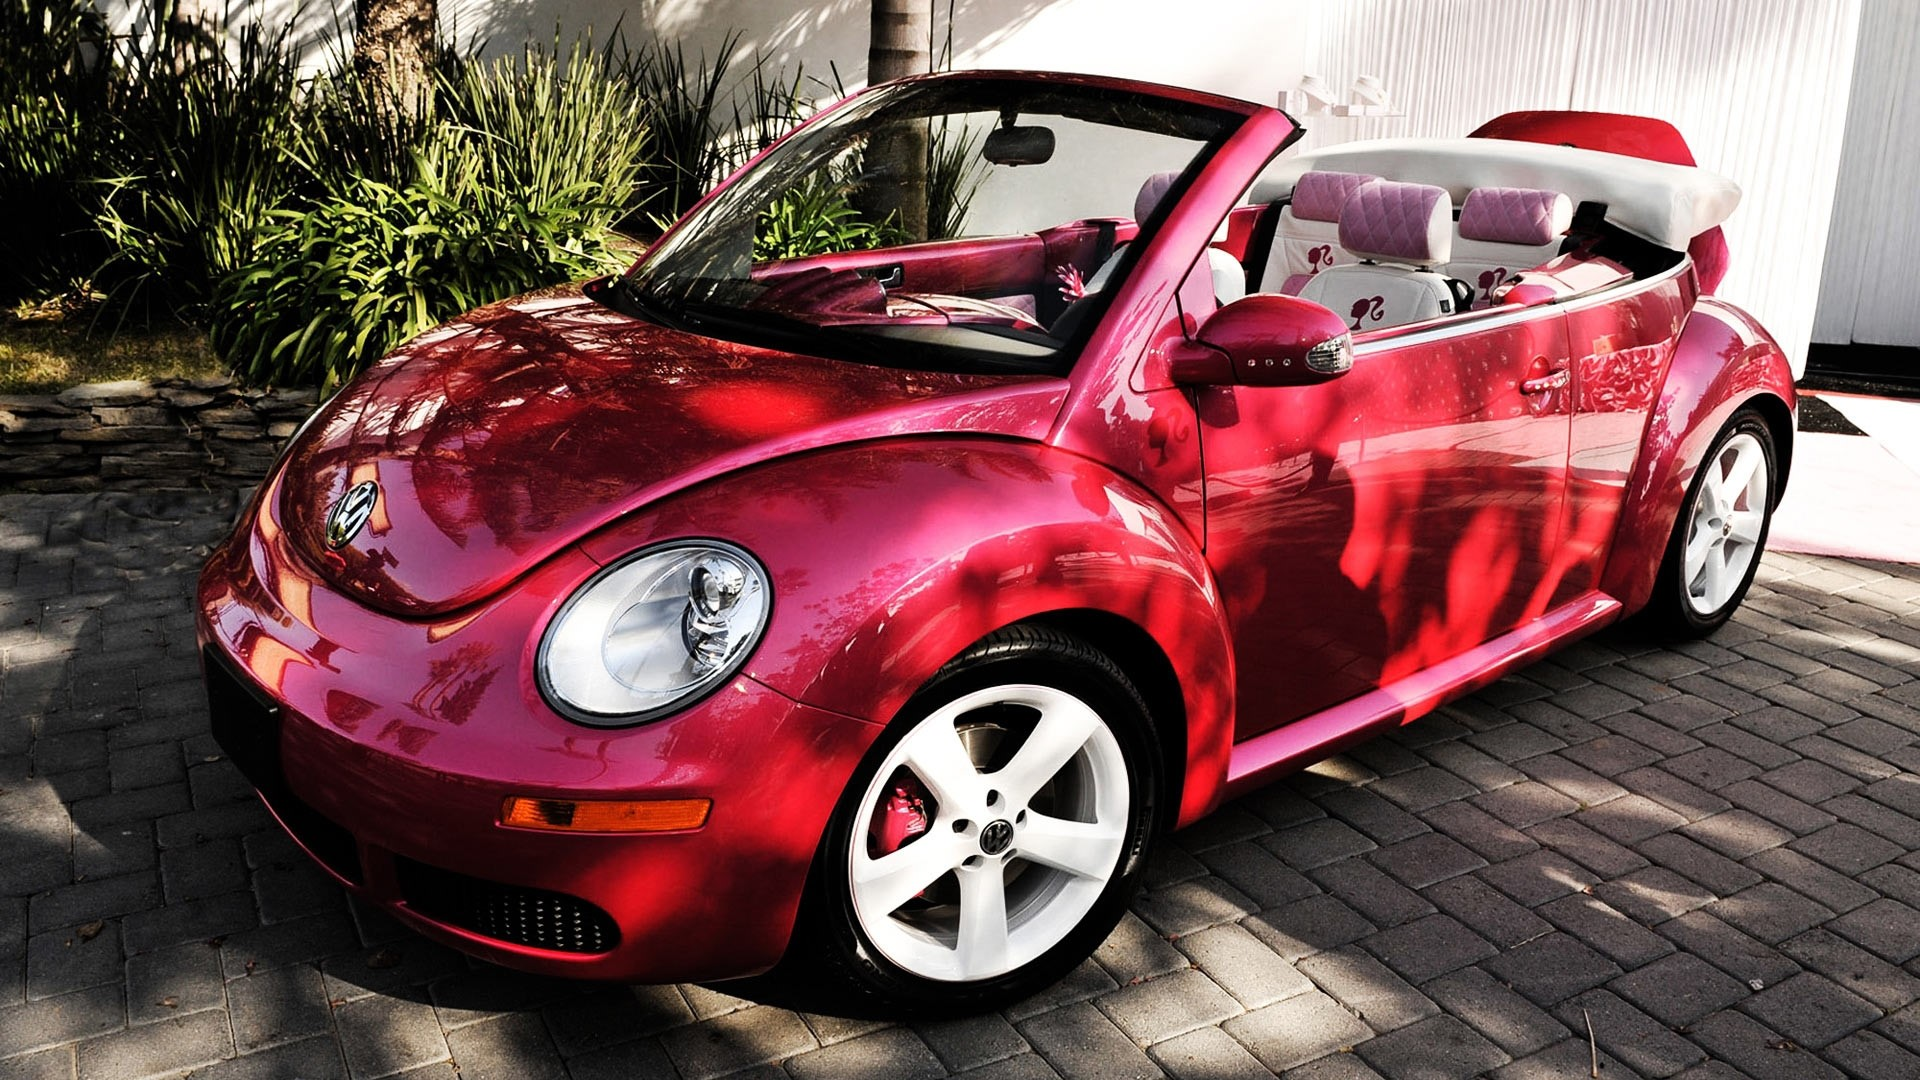 Volkswagen Beetle Background